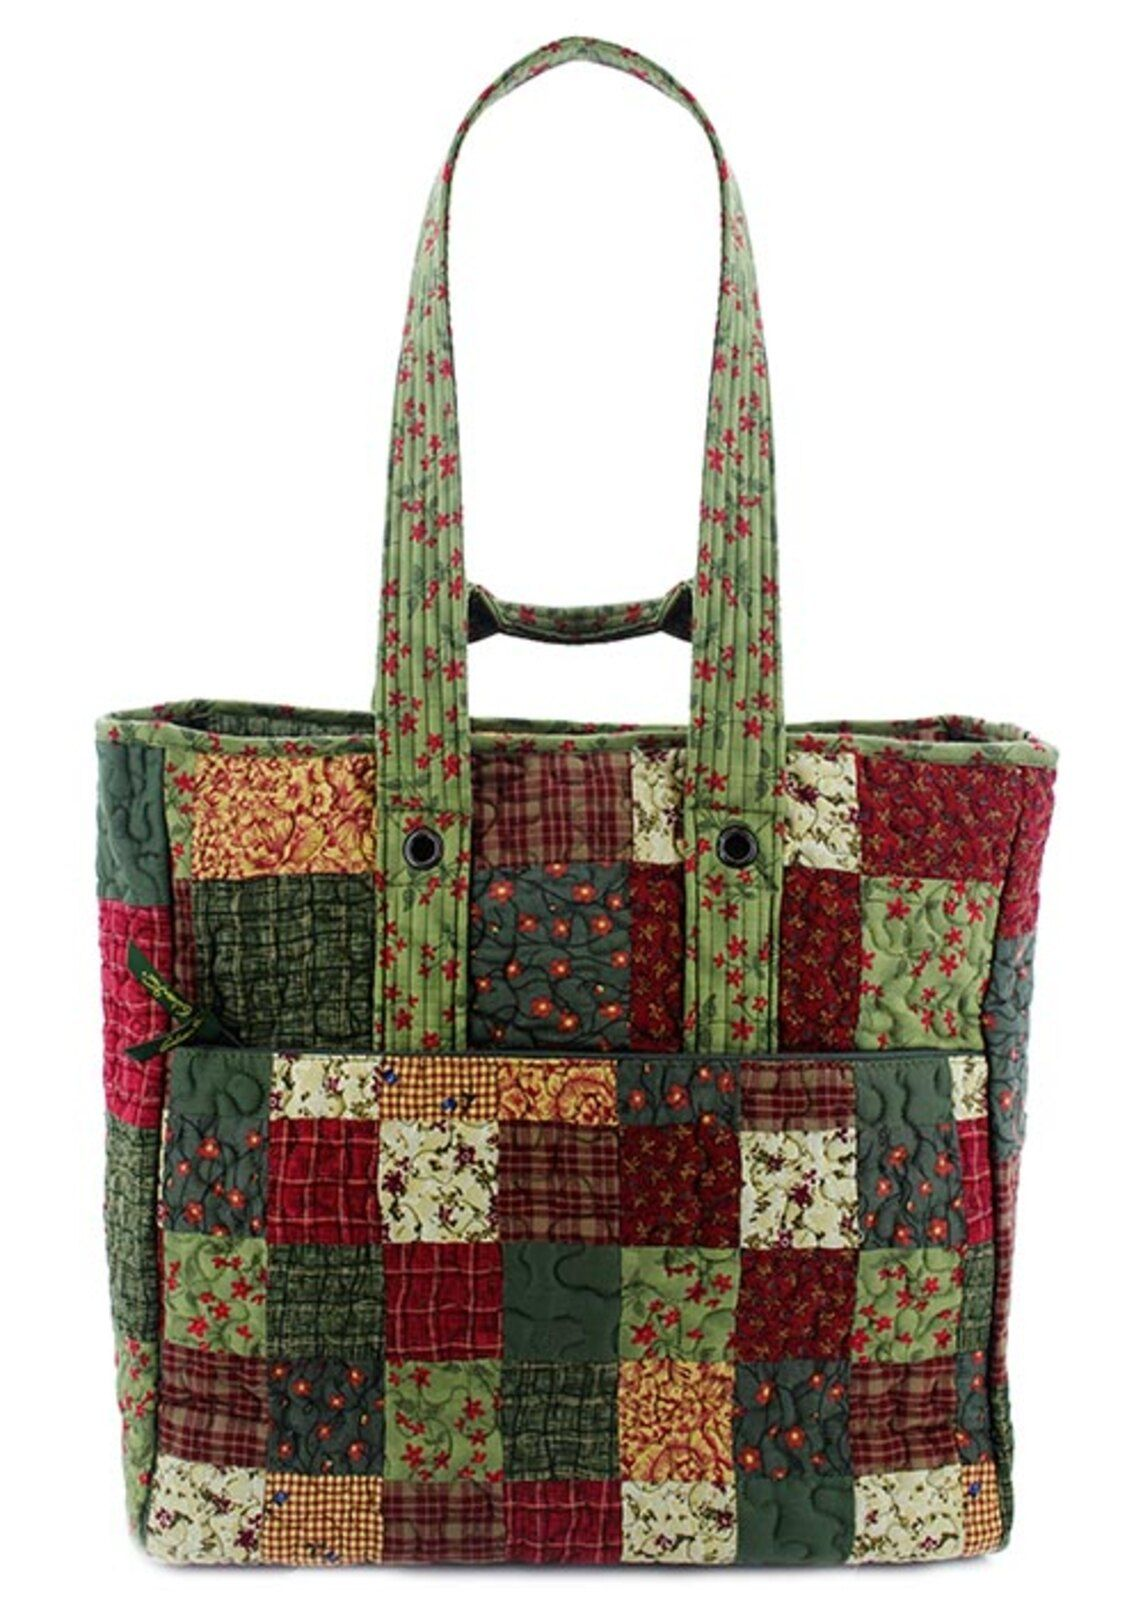 Bolsa Kimberly Lily em Patchwork Original – Bolsa de moda